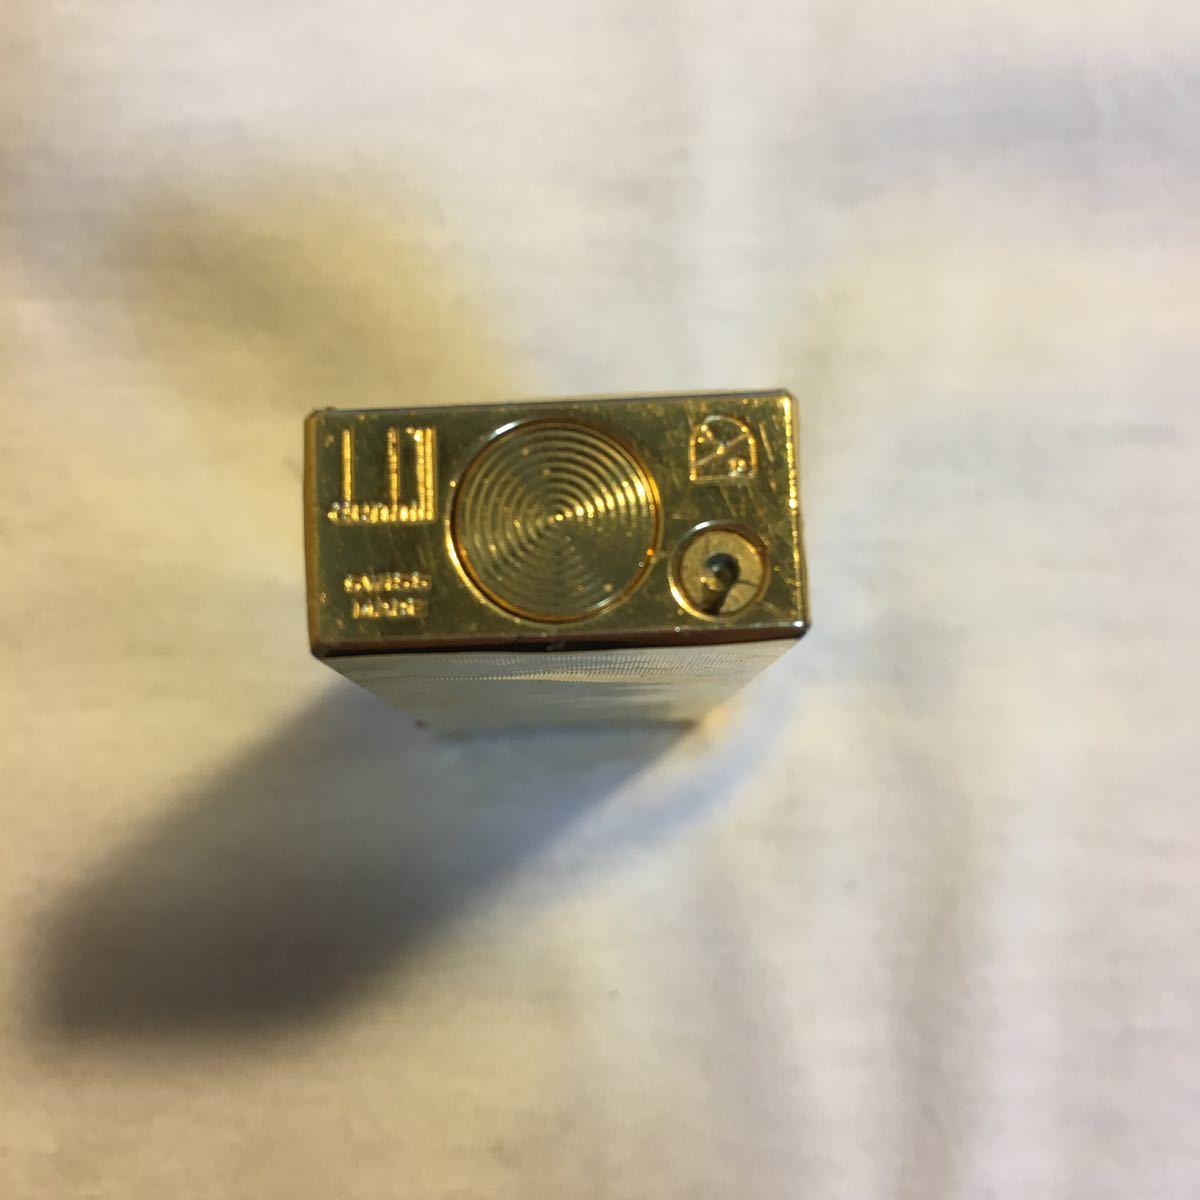 ダンヒルライター 総重量 約77.62g ゴールド ガスライター ブランド コレクション dunhill swiss made_画像5